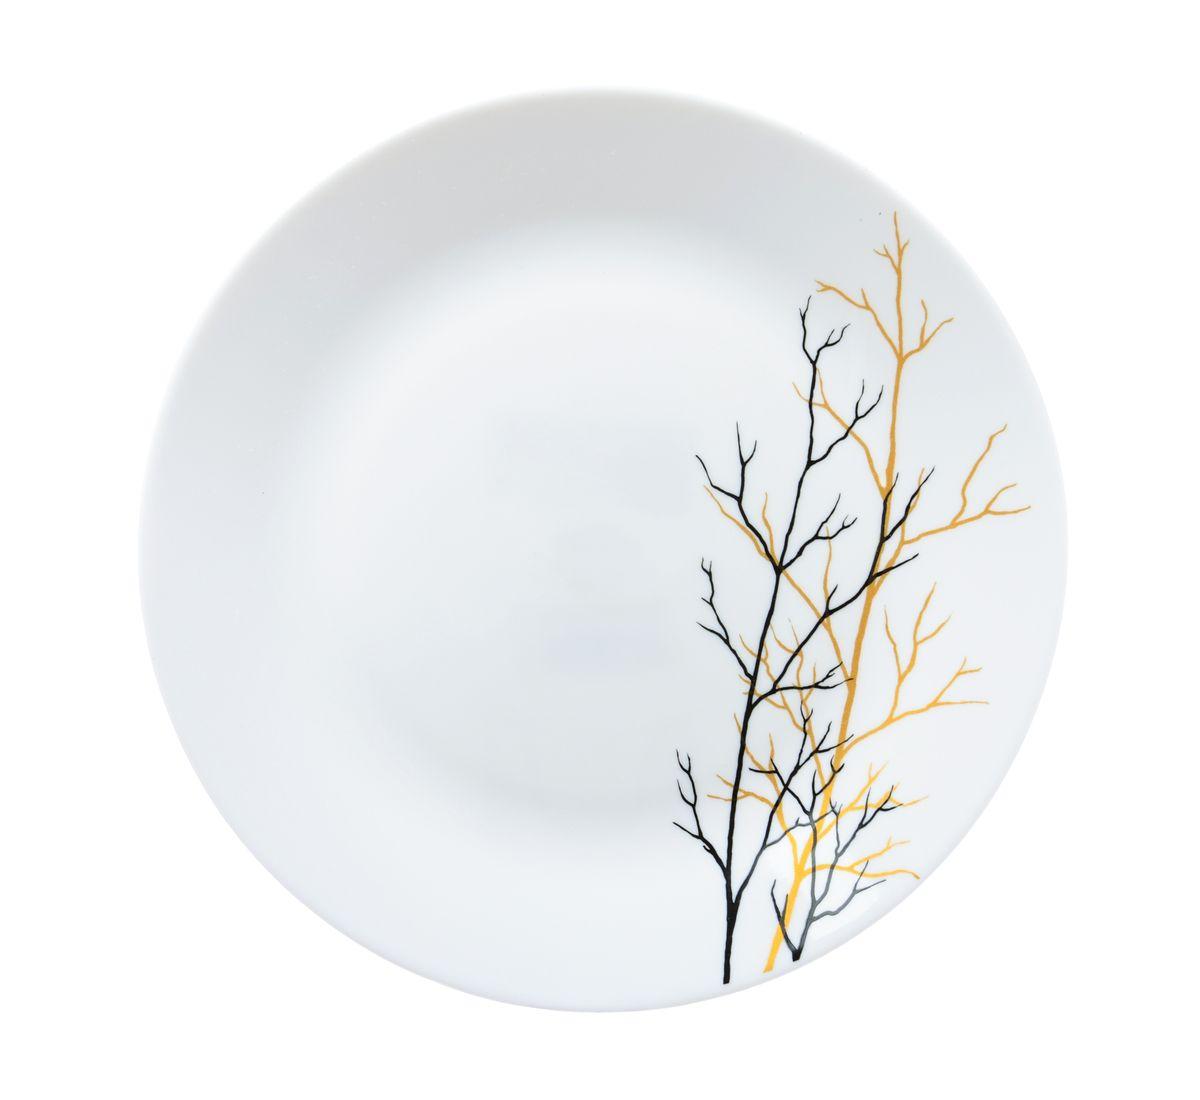 Тарелка для горячего La Opala Золотая осень, диаметр 26,5 смOPAF001Тарелка для горячего La Opala Золотая осень изготовлена из высококачественной стеклокерамики. Предназначена для красивой подачи различных блюд. Изделие декорировано ярким рисунком. Такая тарелка украсит сервировку стола и подчеркнет прекрасный вкус хозяйки. Можно мыть в посудомоечной машине и использовать в СВЧ. Диаметр: 26,5 см. Высота: 2 см.